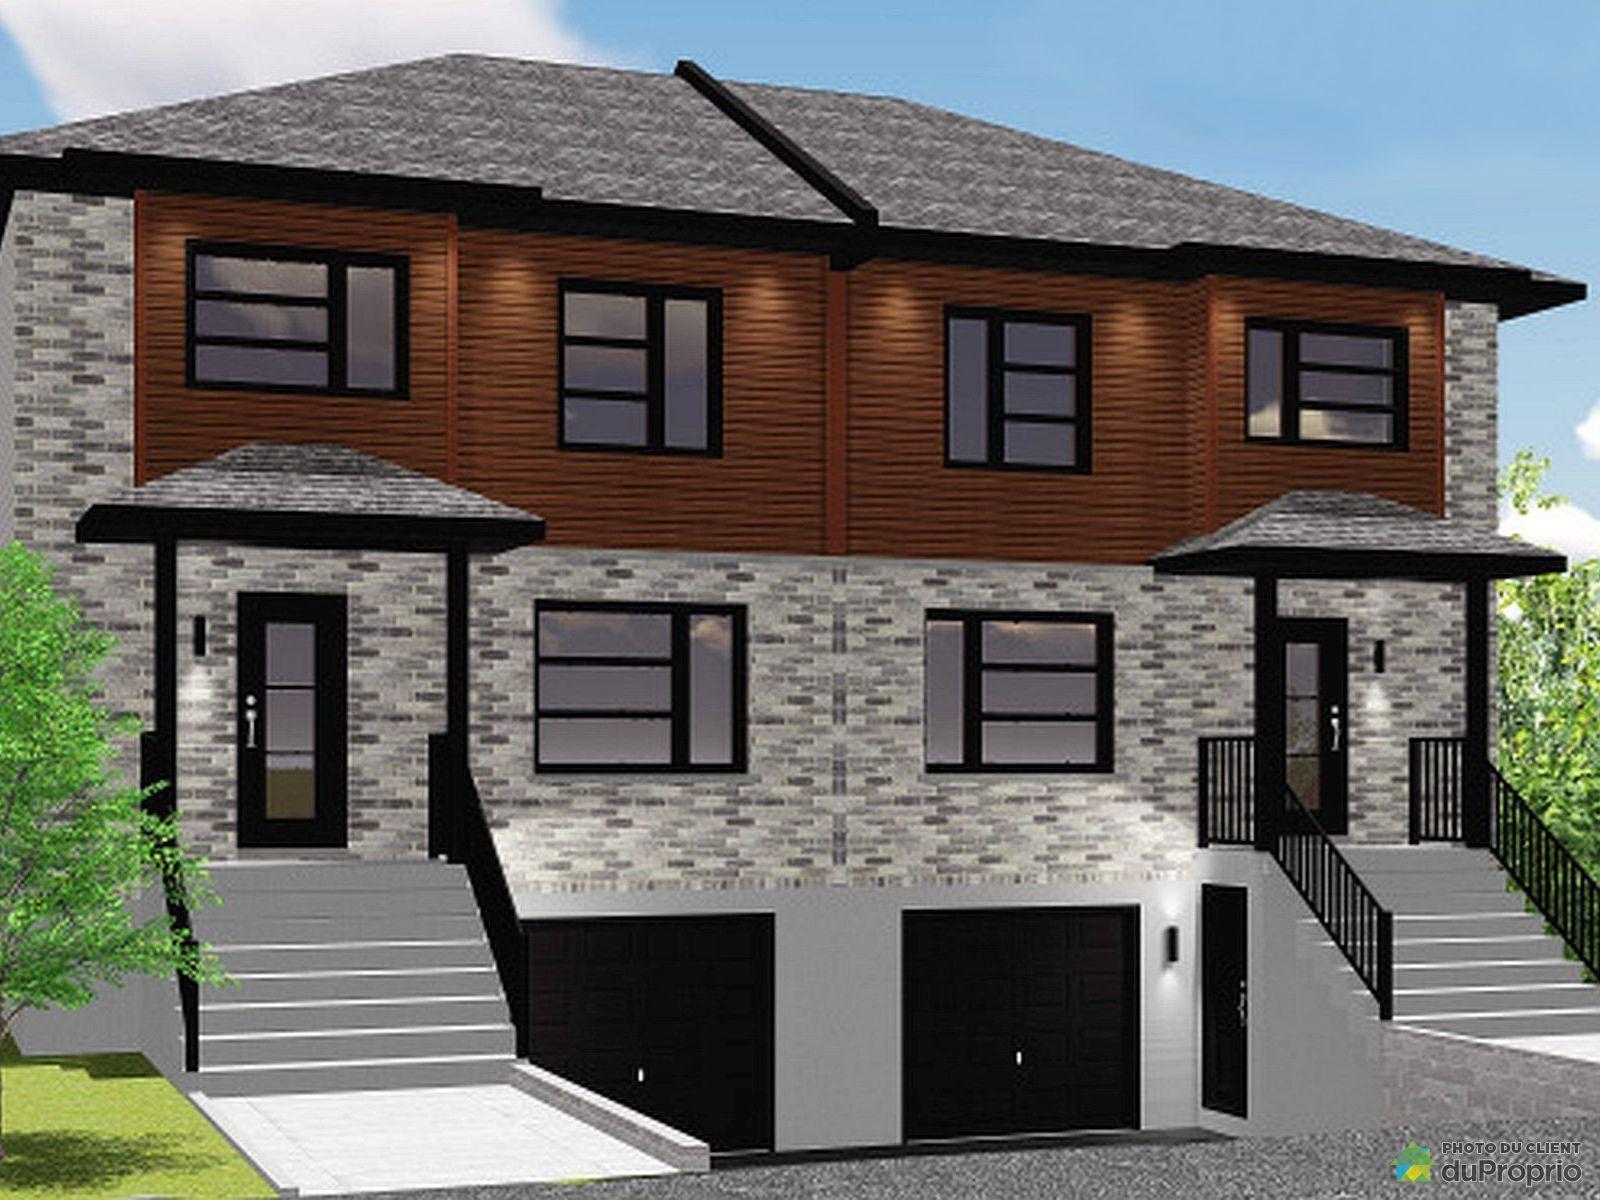 6967 avenue baldwin par les habitations rb anjou for Acheter une maison sans agent